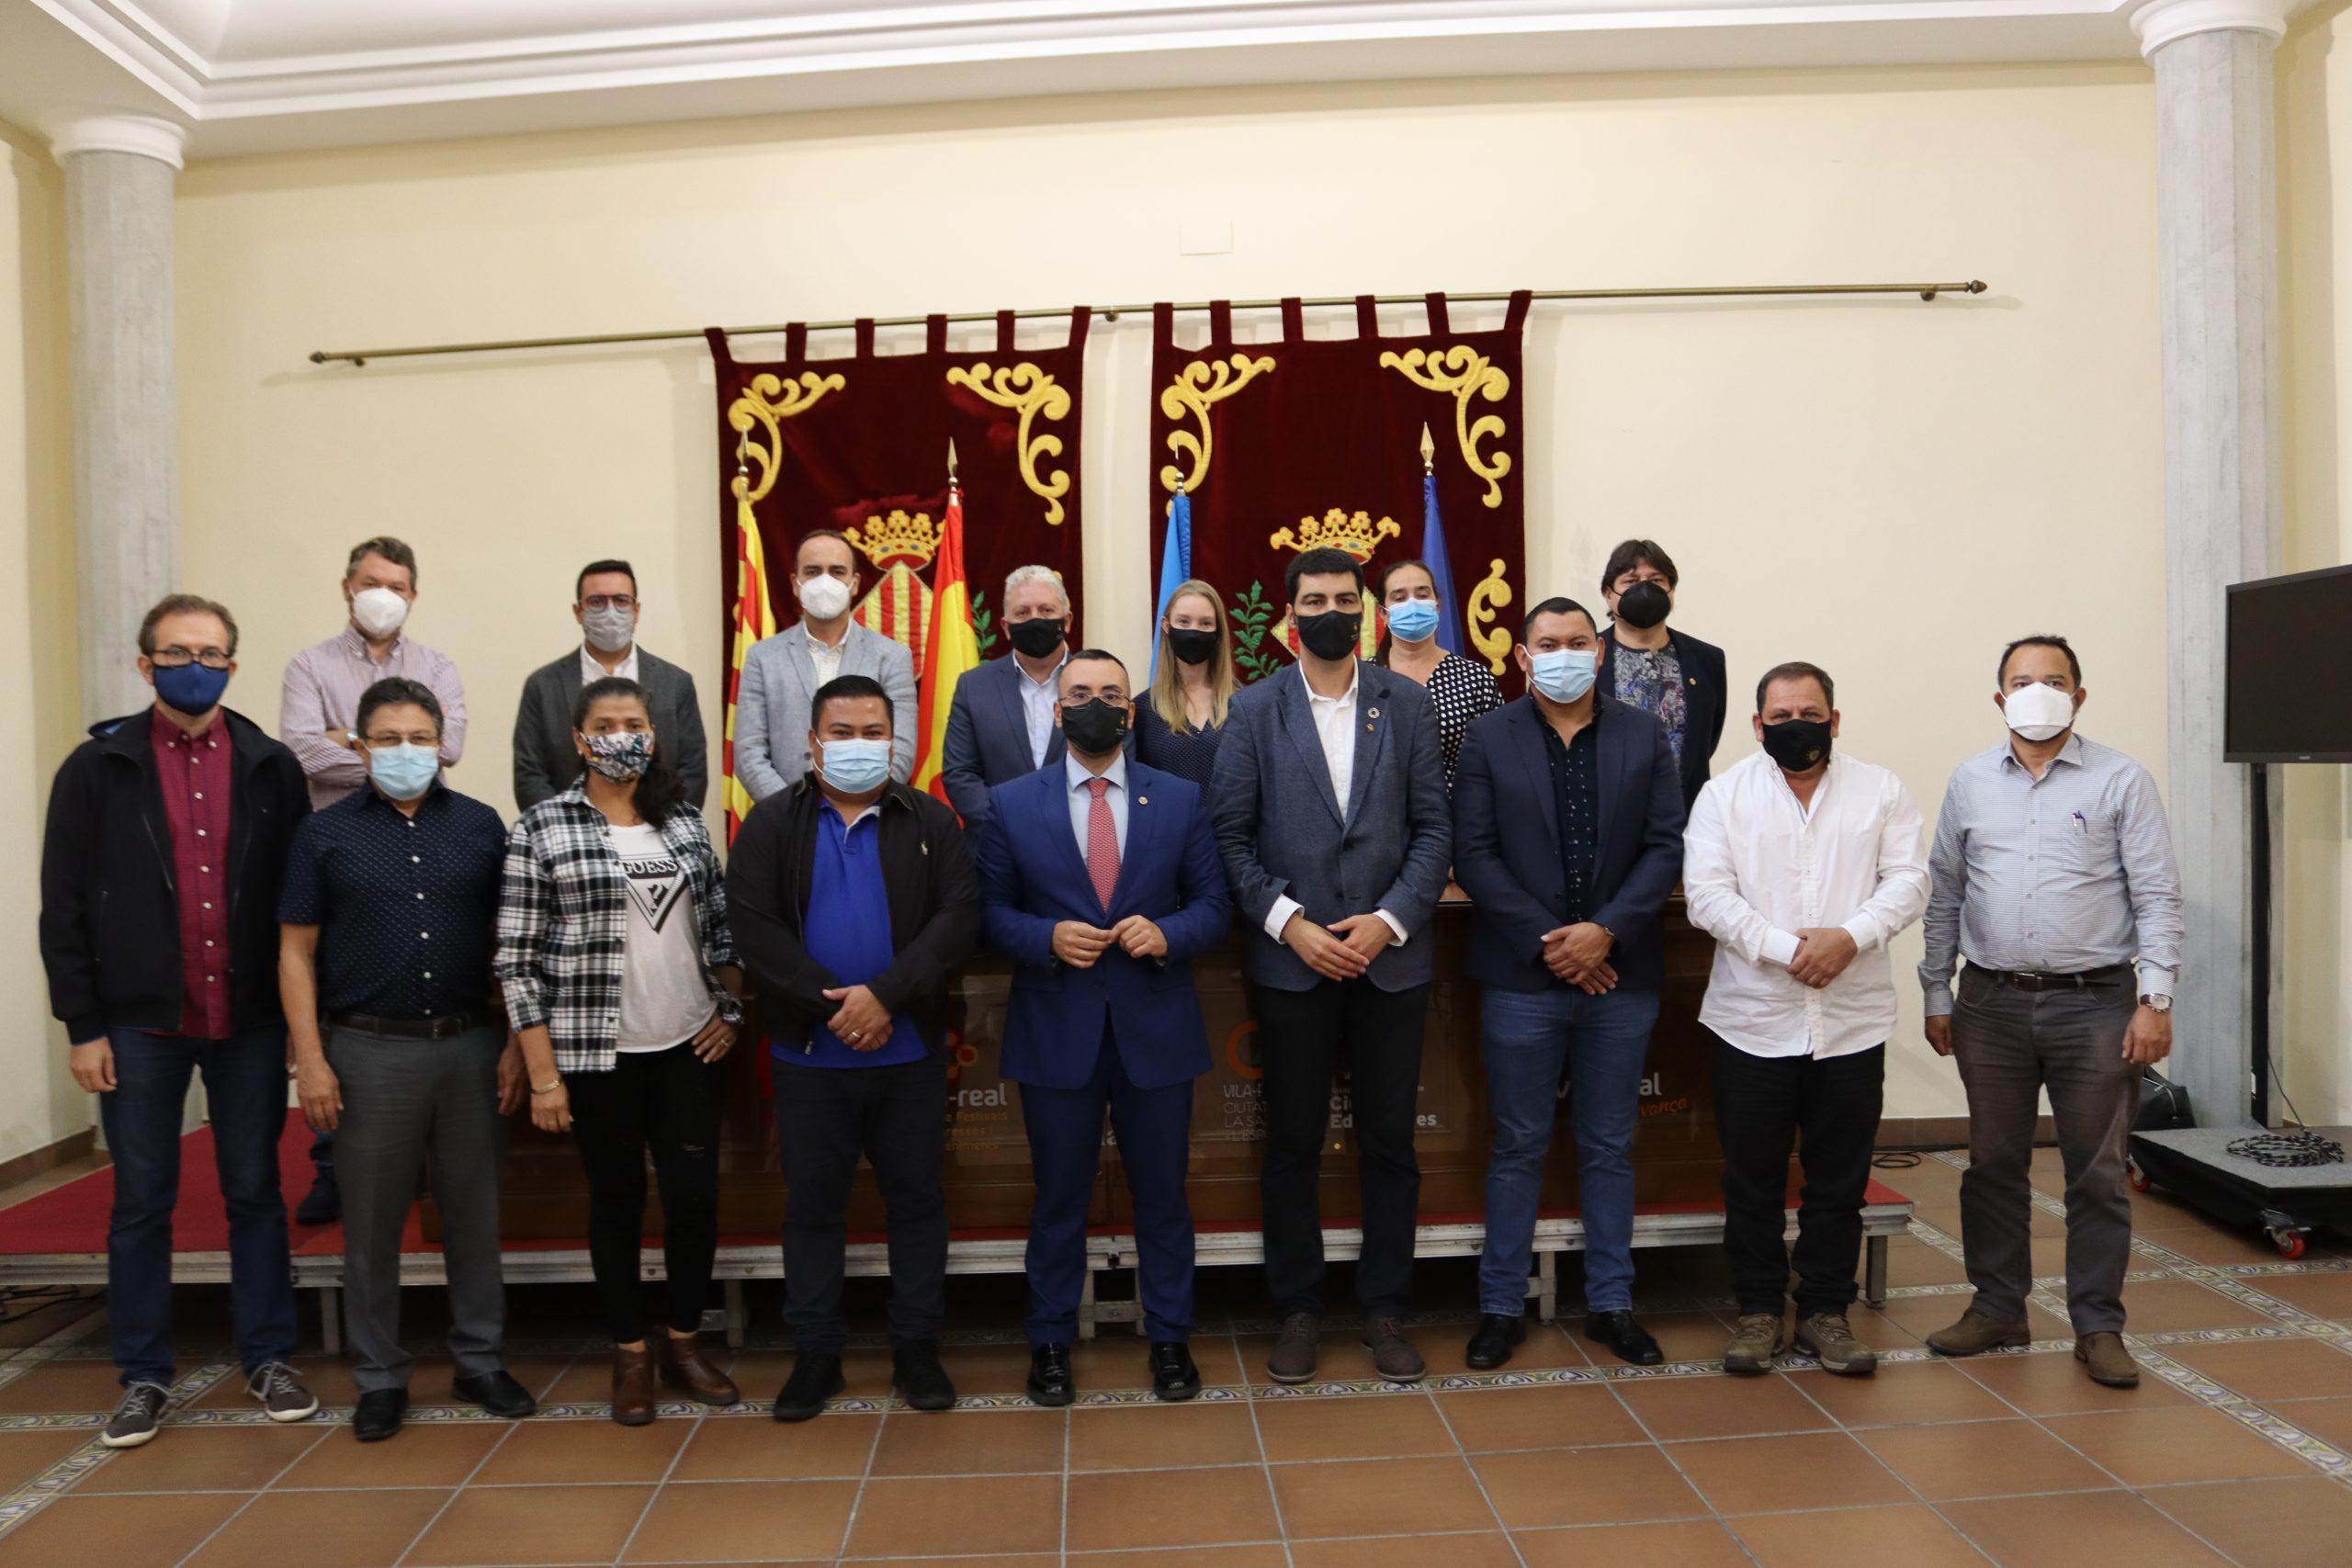 Vila-real recibe a una delegación de alcaldes y alcaldesas de El Salvador interesada con las políticas de buen gobierno